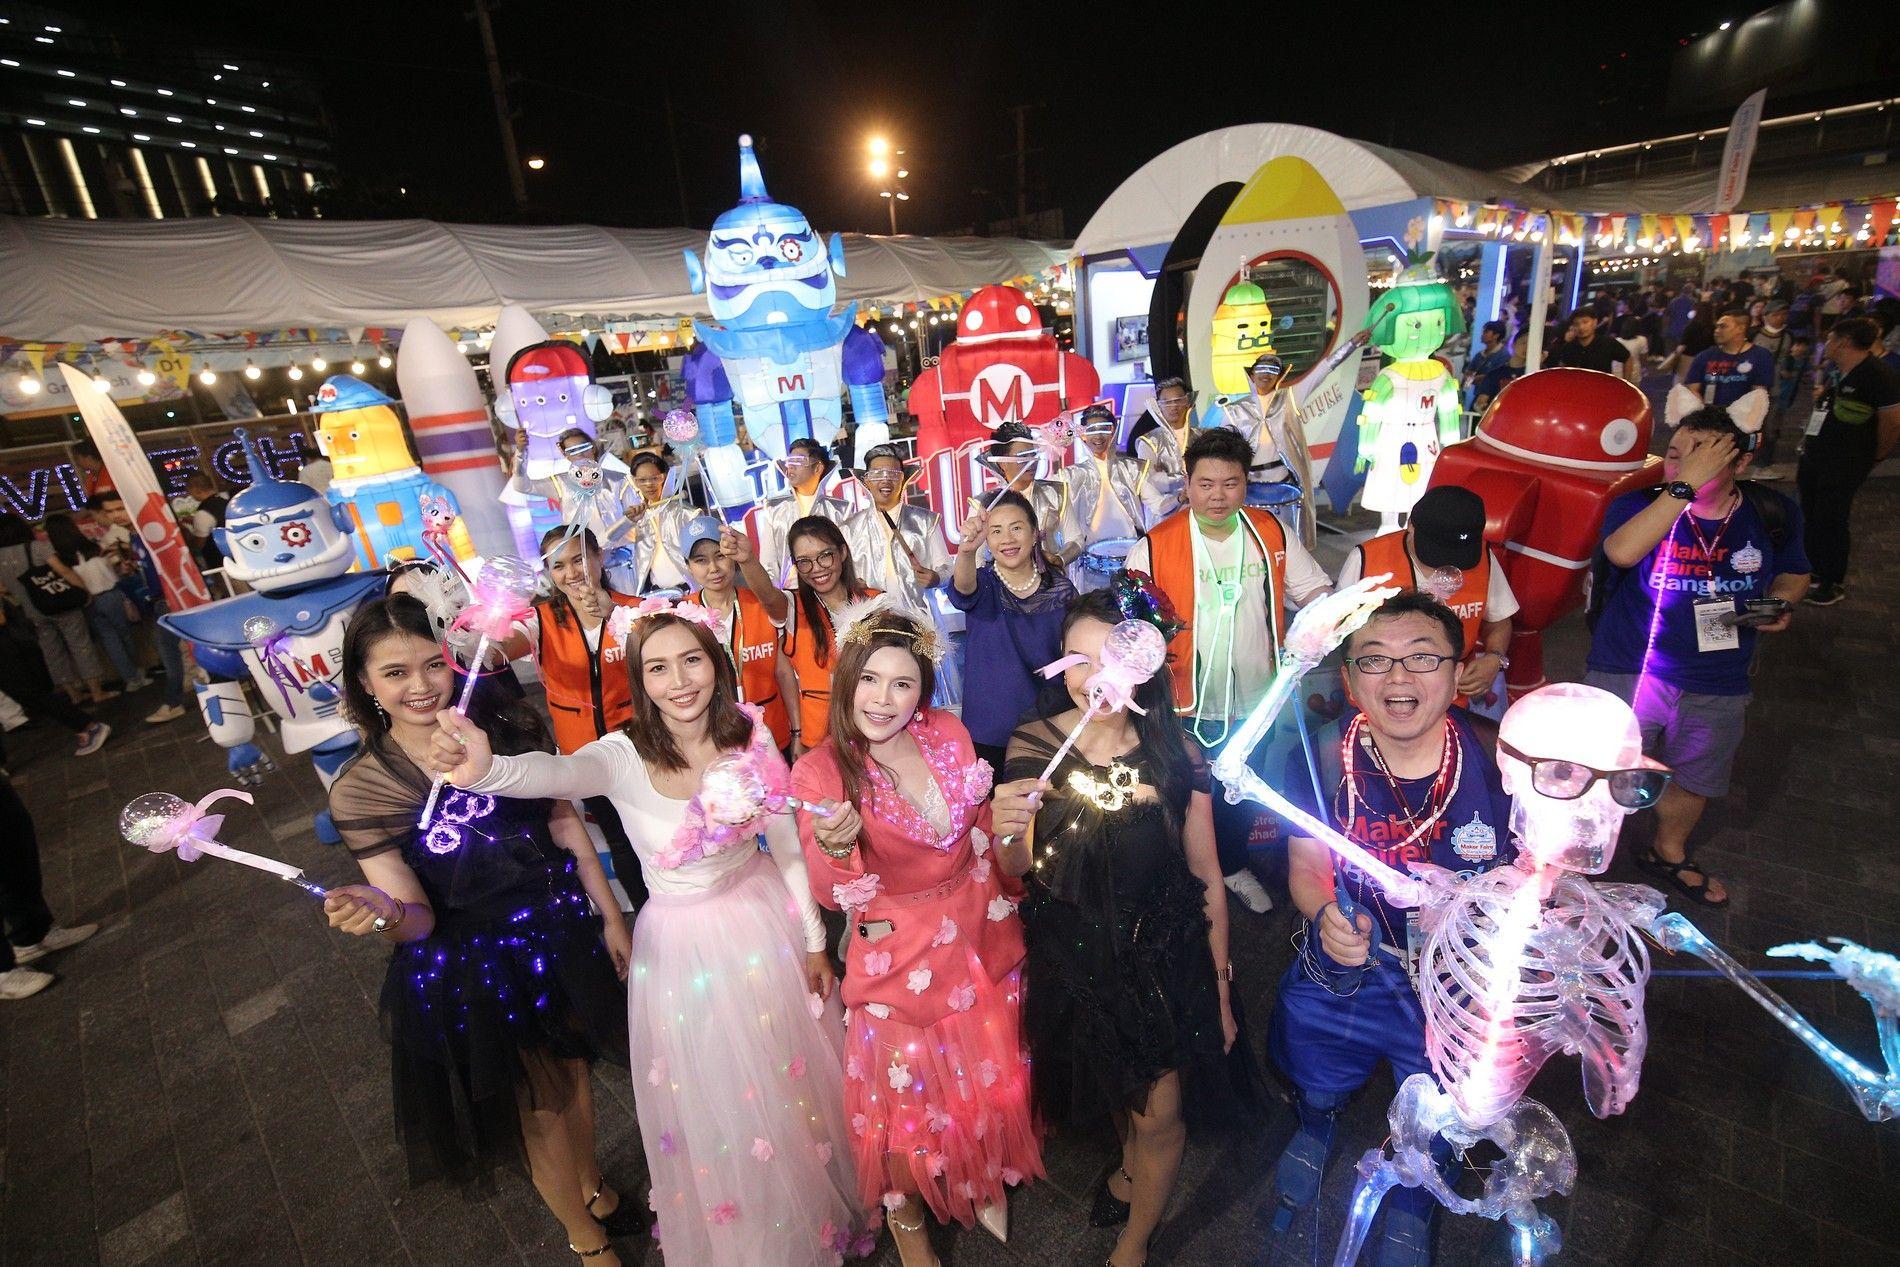 ขบวนอิเล็กทริกพาเหรด สีสันและไฮไลท์อันเป็นเอกลักษณ์ประจำงาน Maker Faire Bangkok